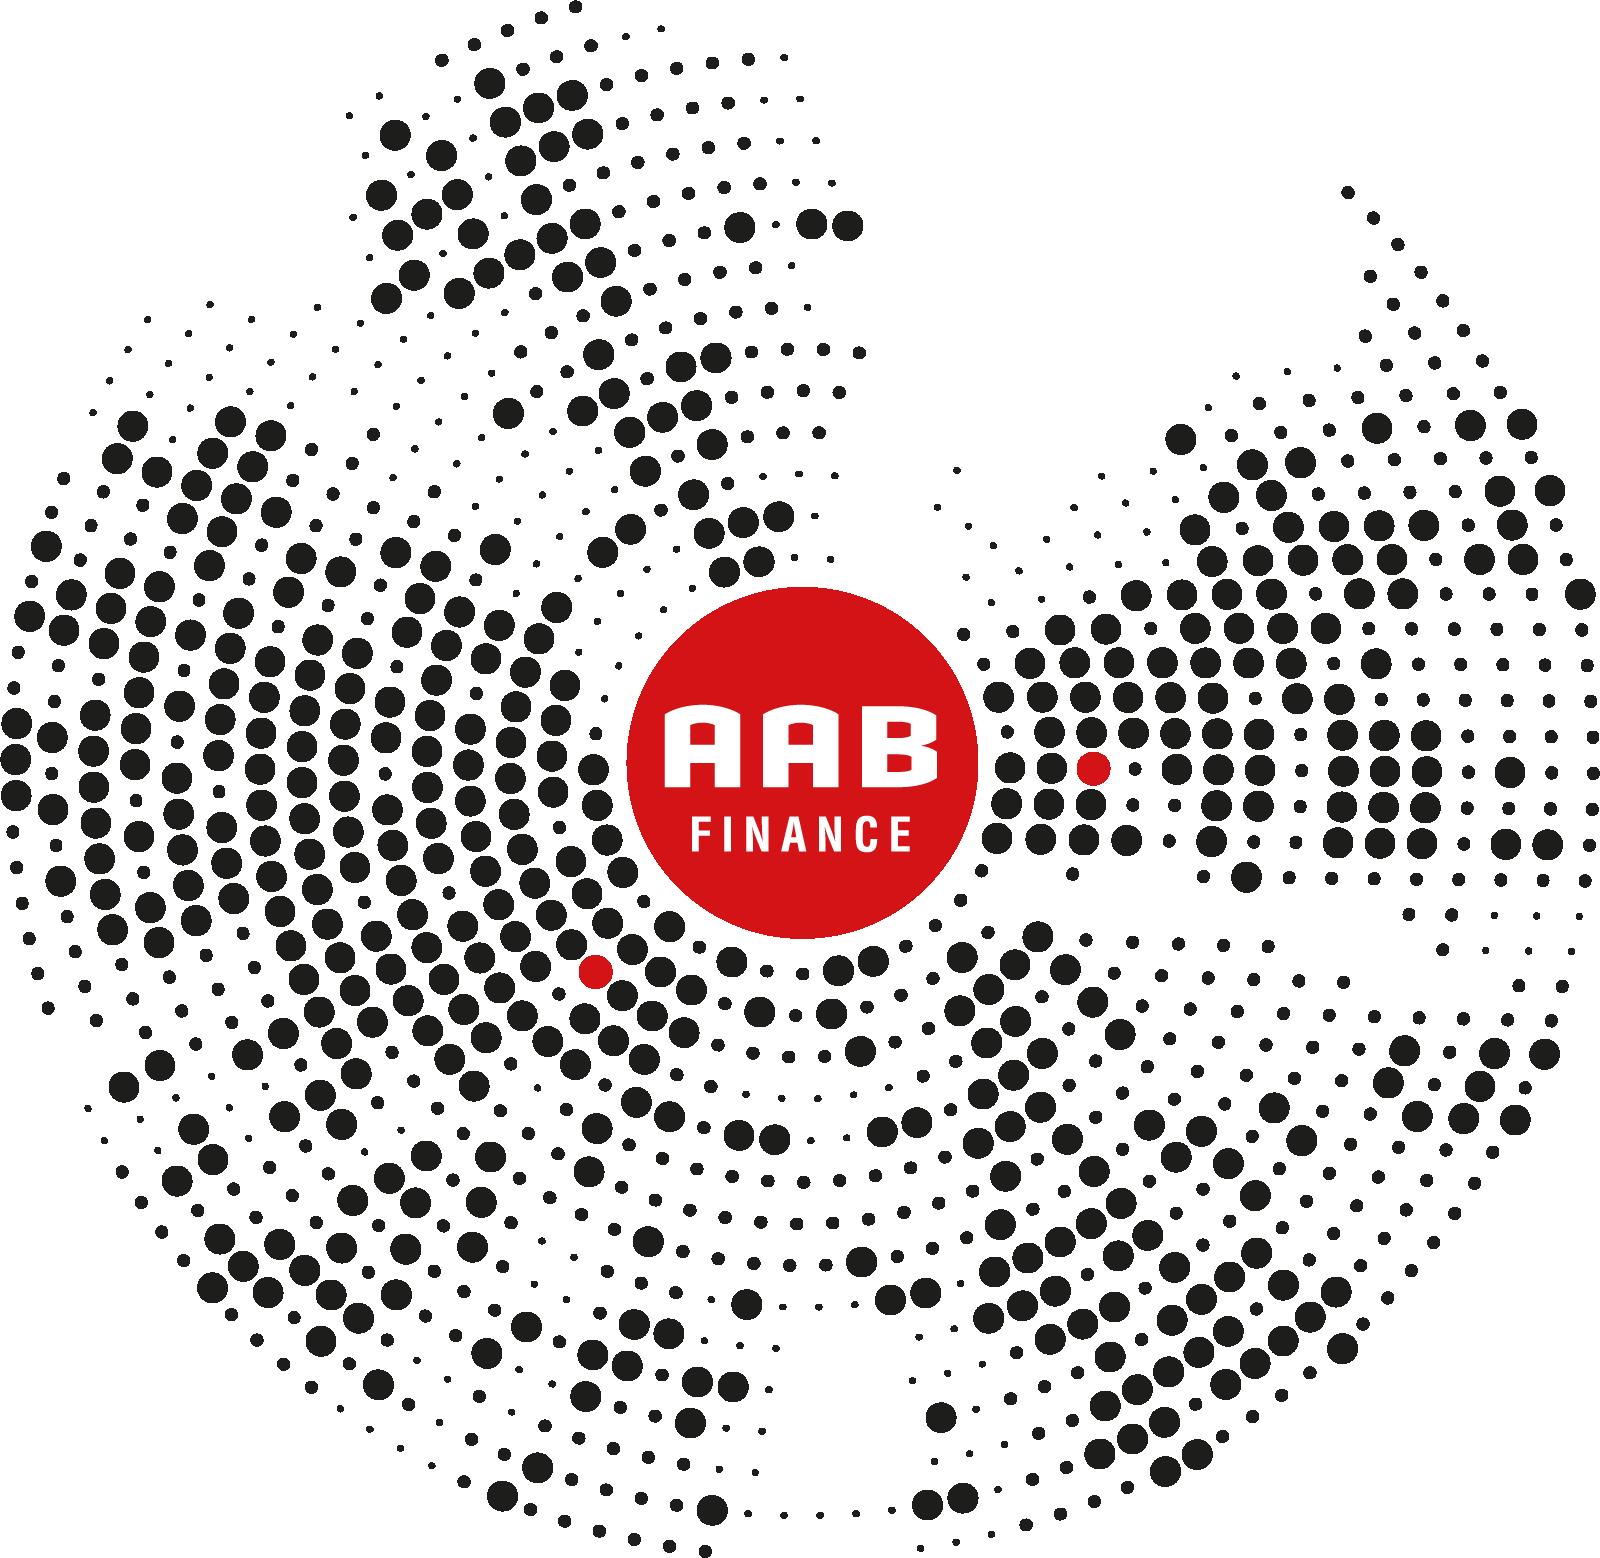 AAB Finance - Uw cijfers in de juiste context